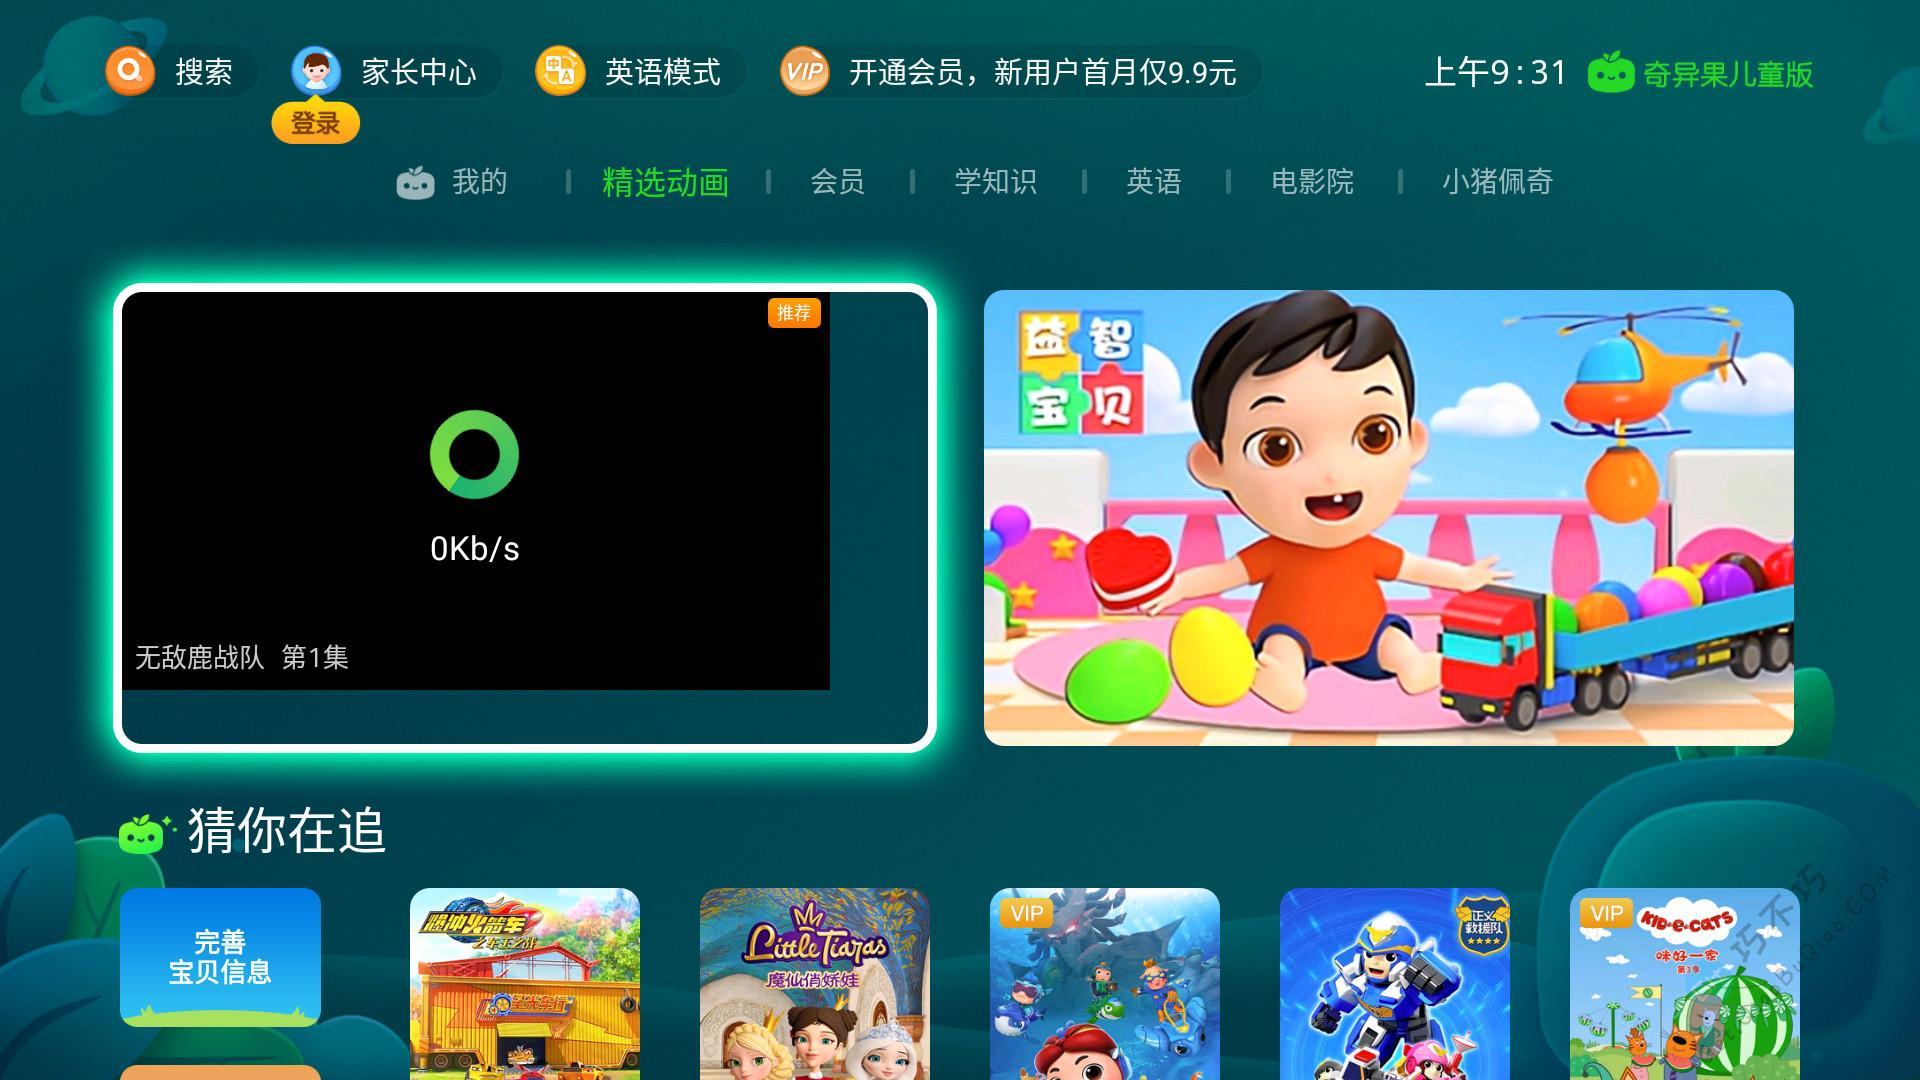 爱奇艺和银河奇异果TV给孩子看动画片不开会员免费跳过广告的方法